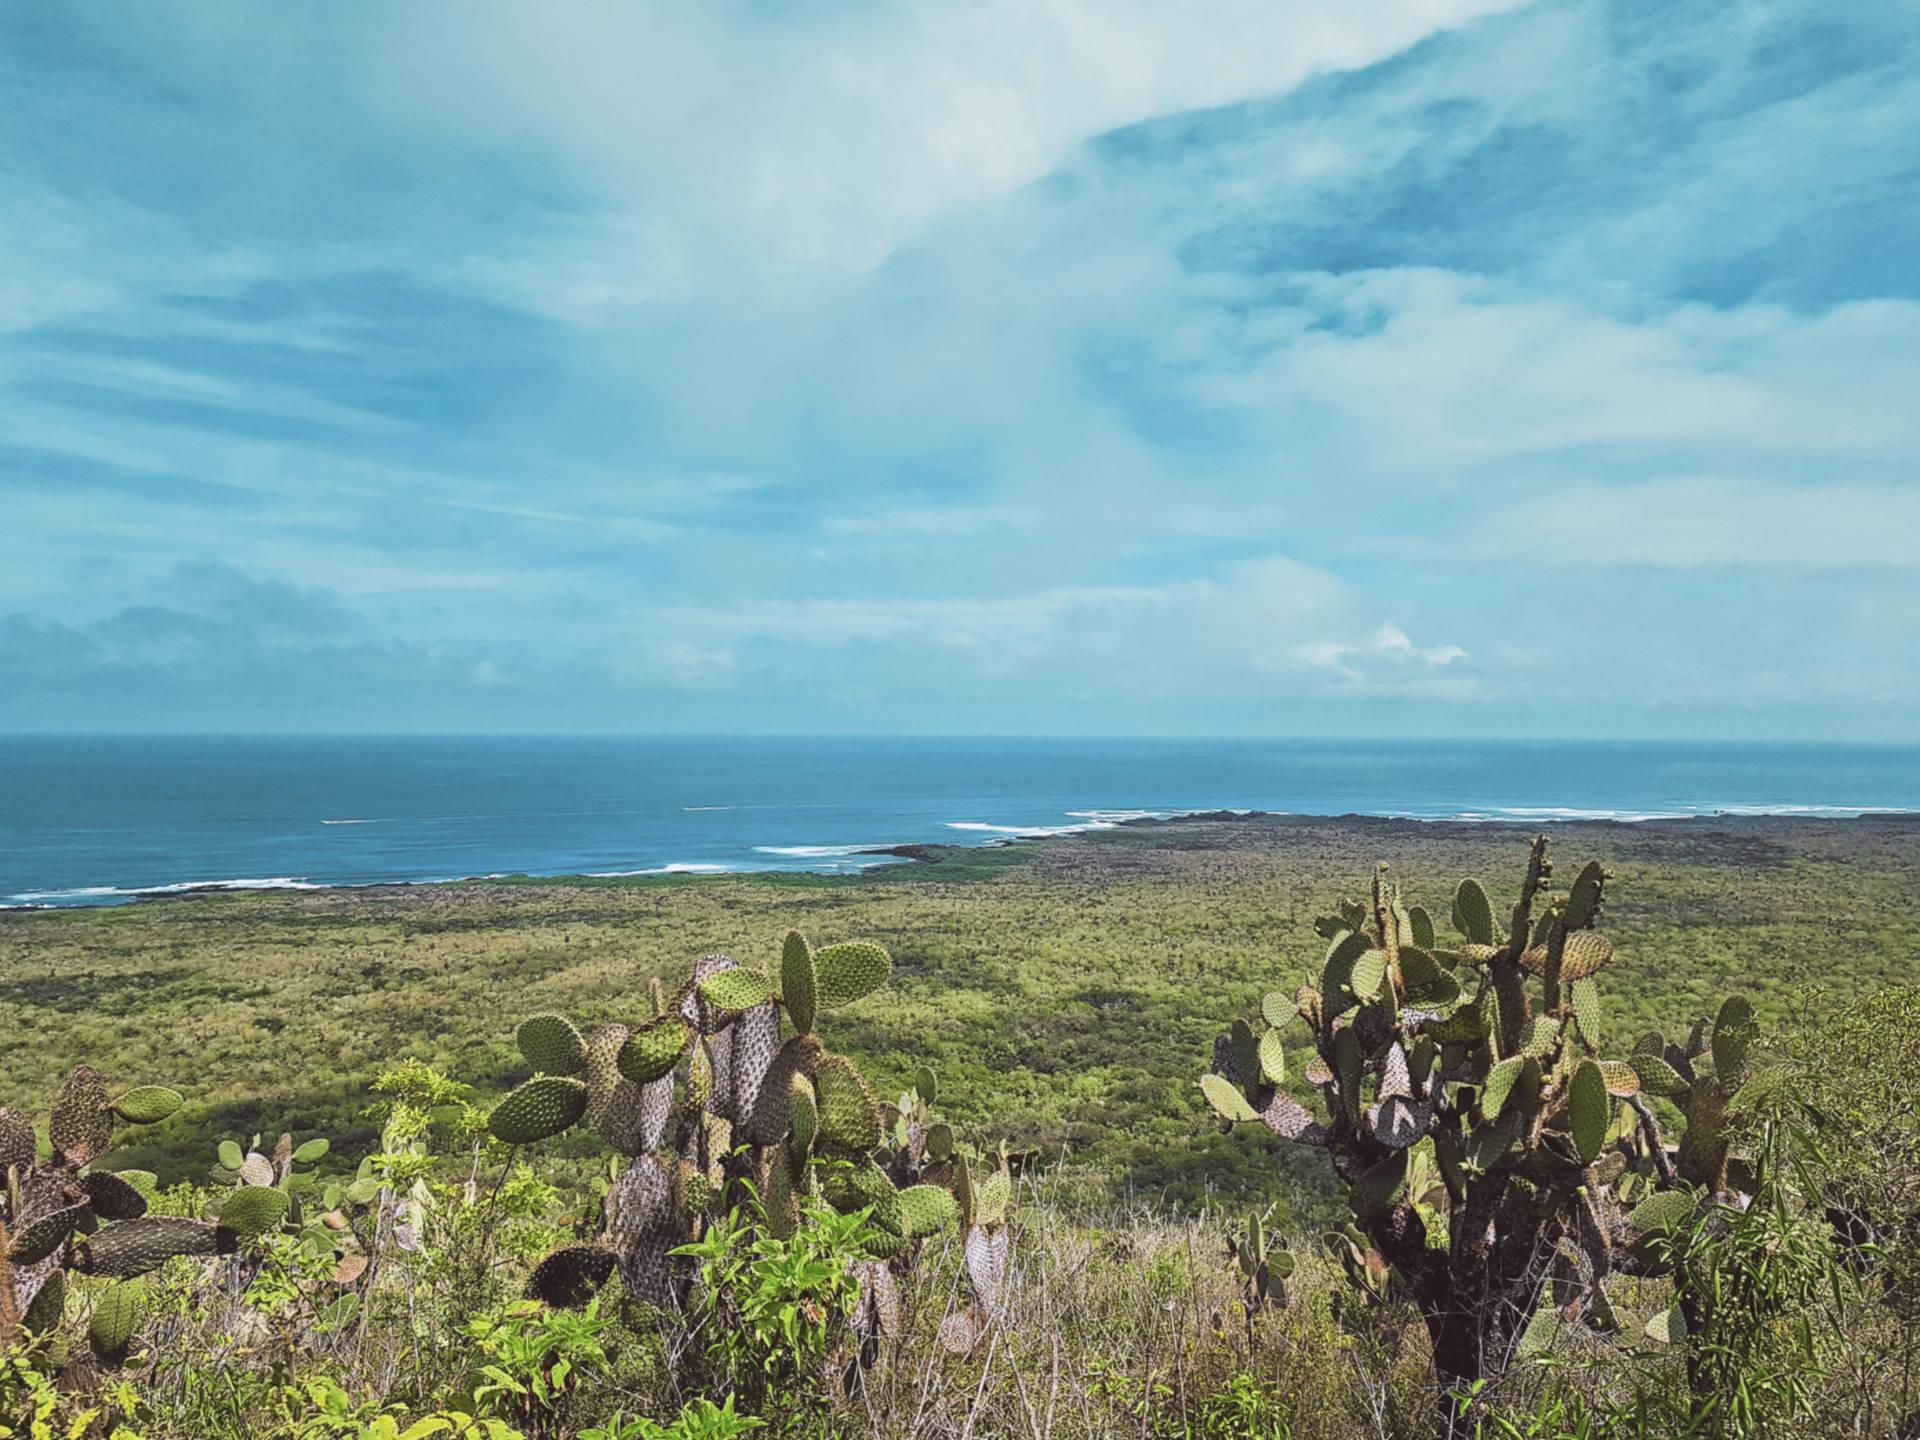 Jak tanio zwiedzić Wyspy Galapagos Darmowe atrakcje nawyspach (10)